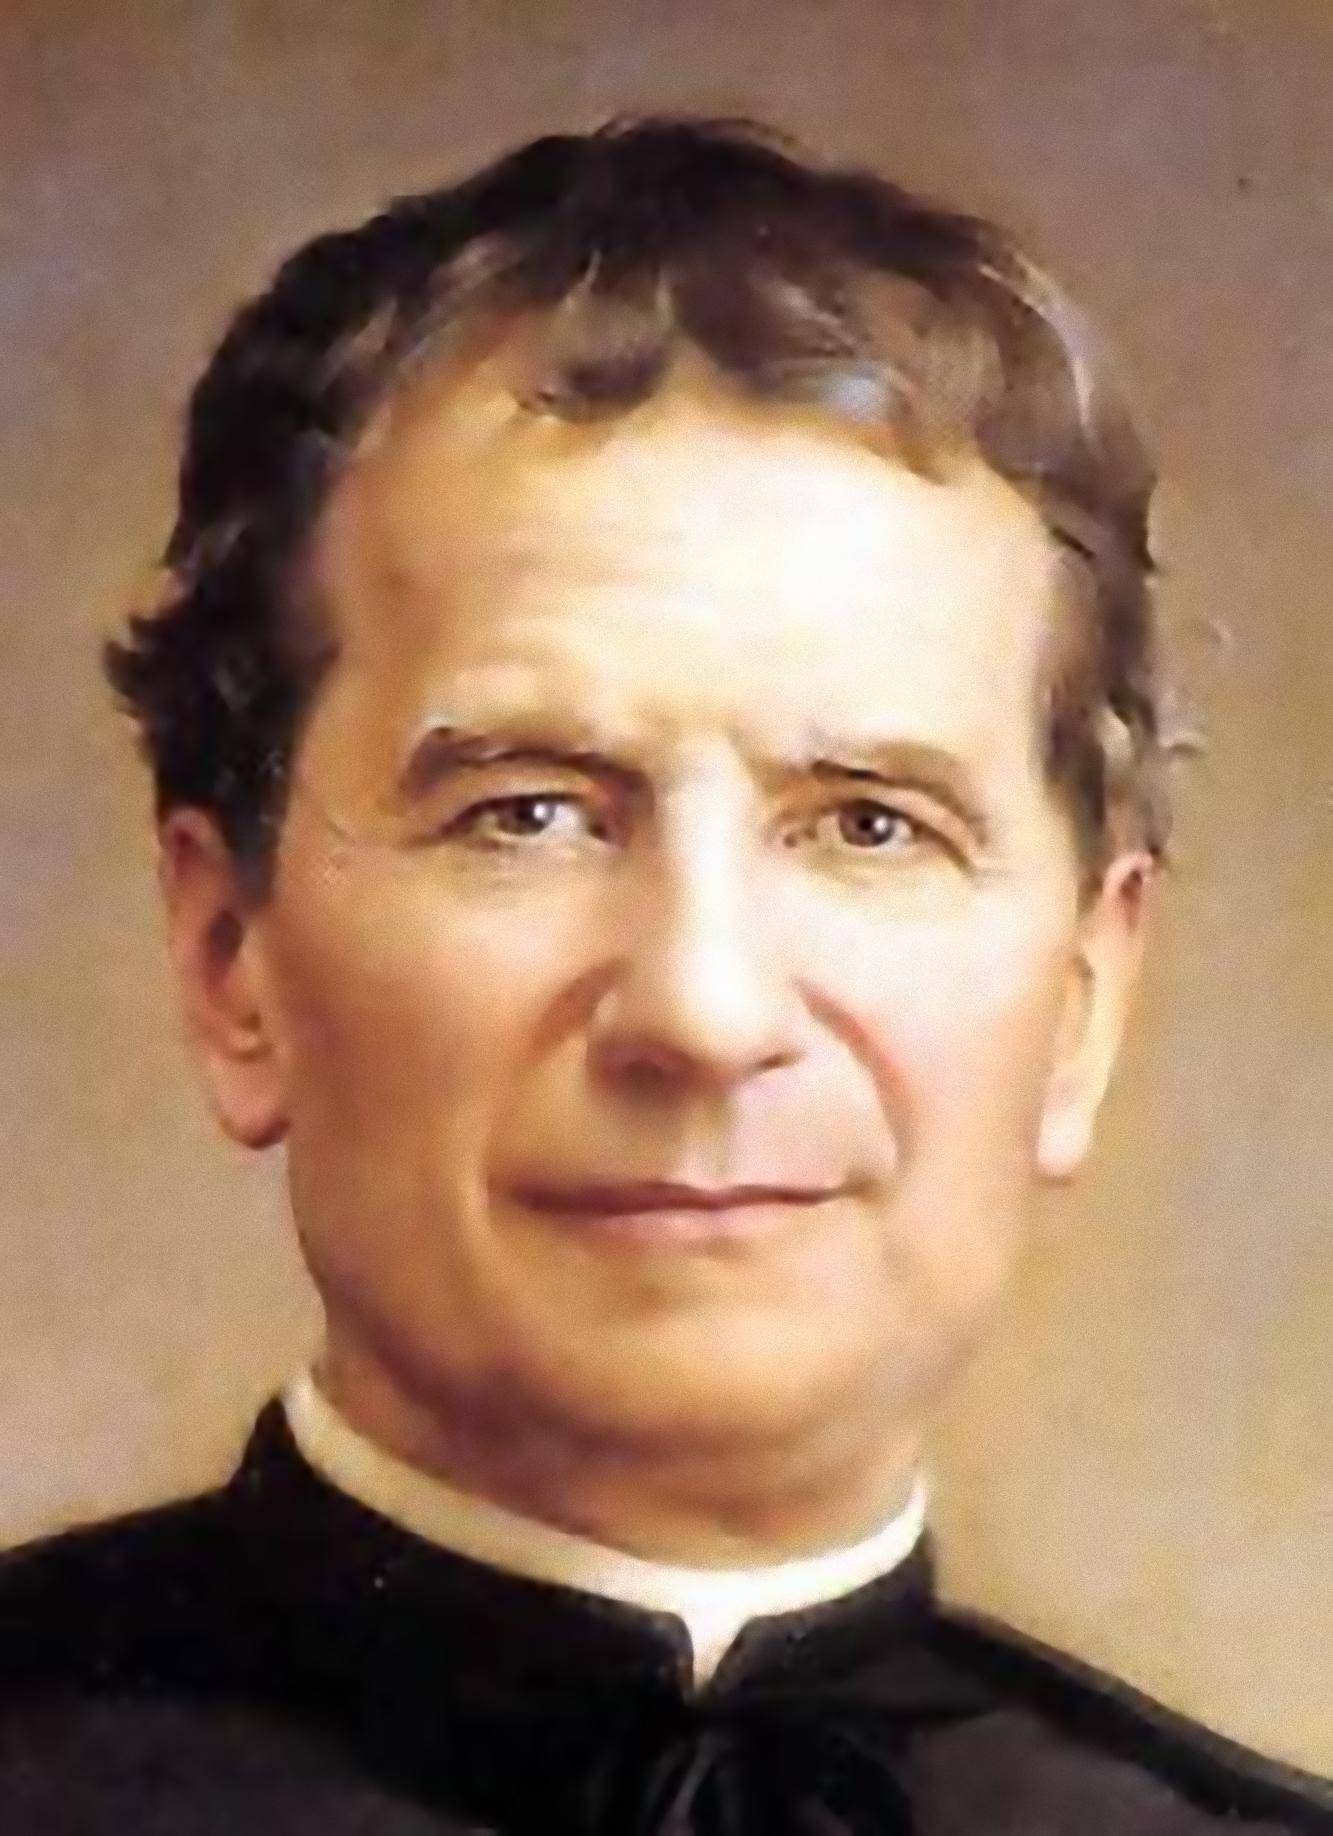 Don Bosco: Ecco come vincere le tentazioni e il demonio………